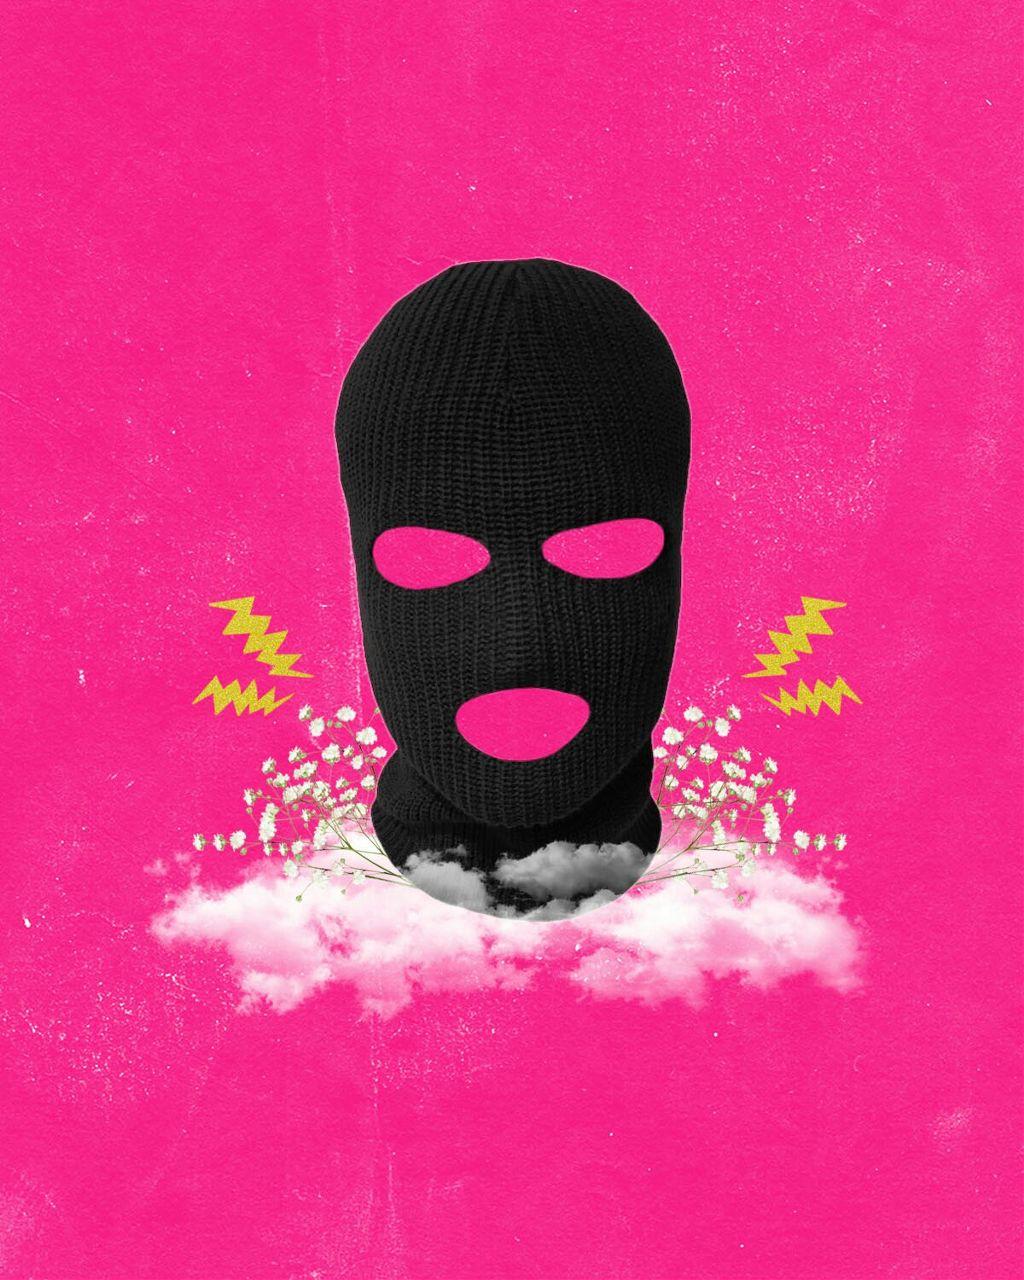 Girl Power. #collage #collageartist #collageoftheday #girlpower #skimask #pink #feminist